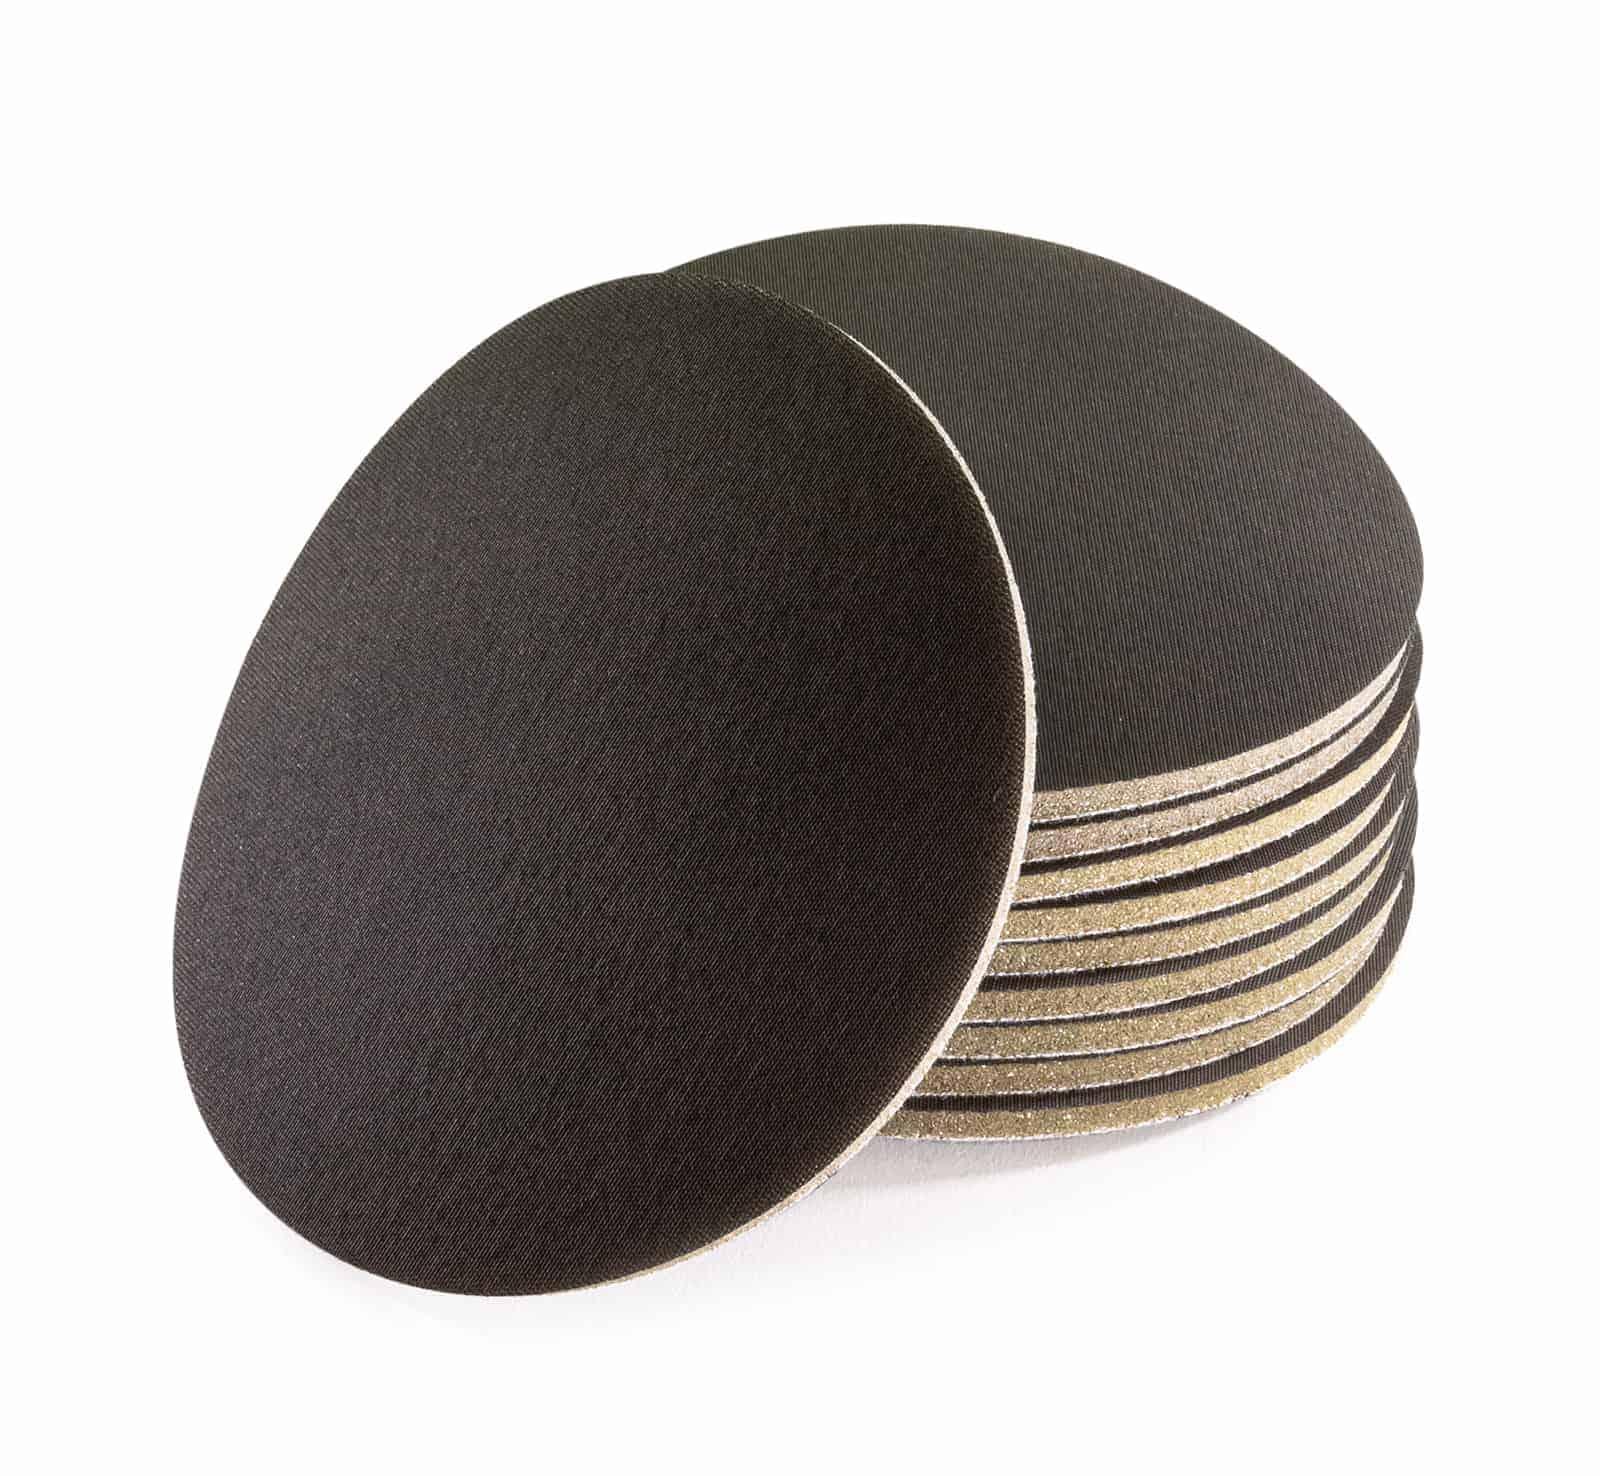 Ekasky Abrasive Sponge Discs